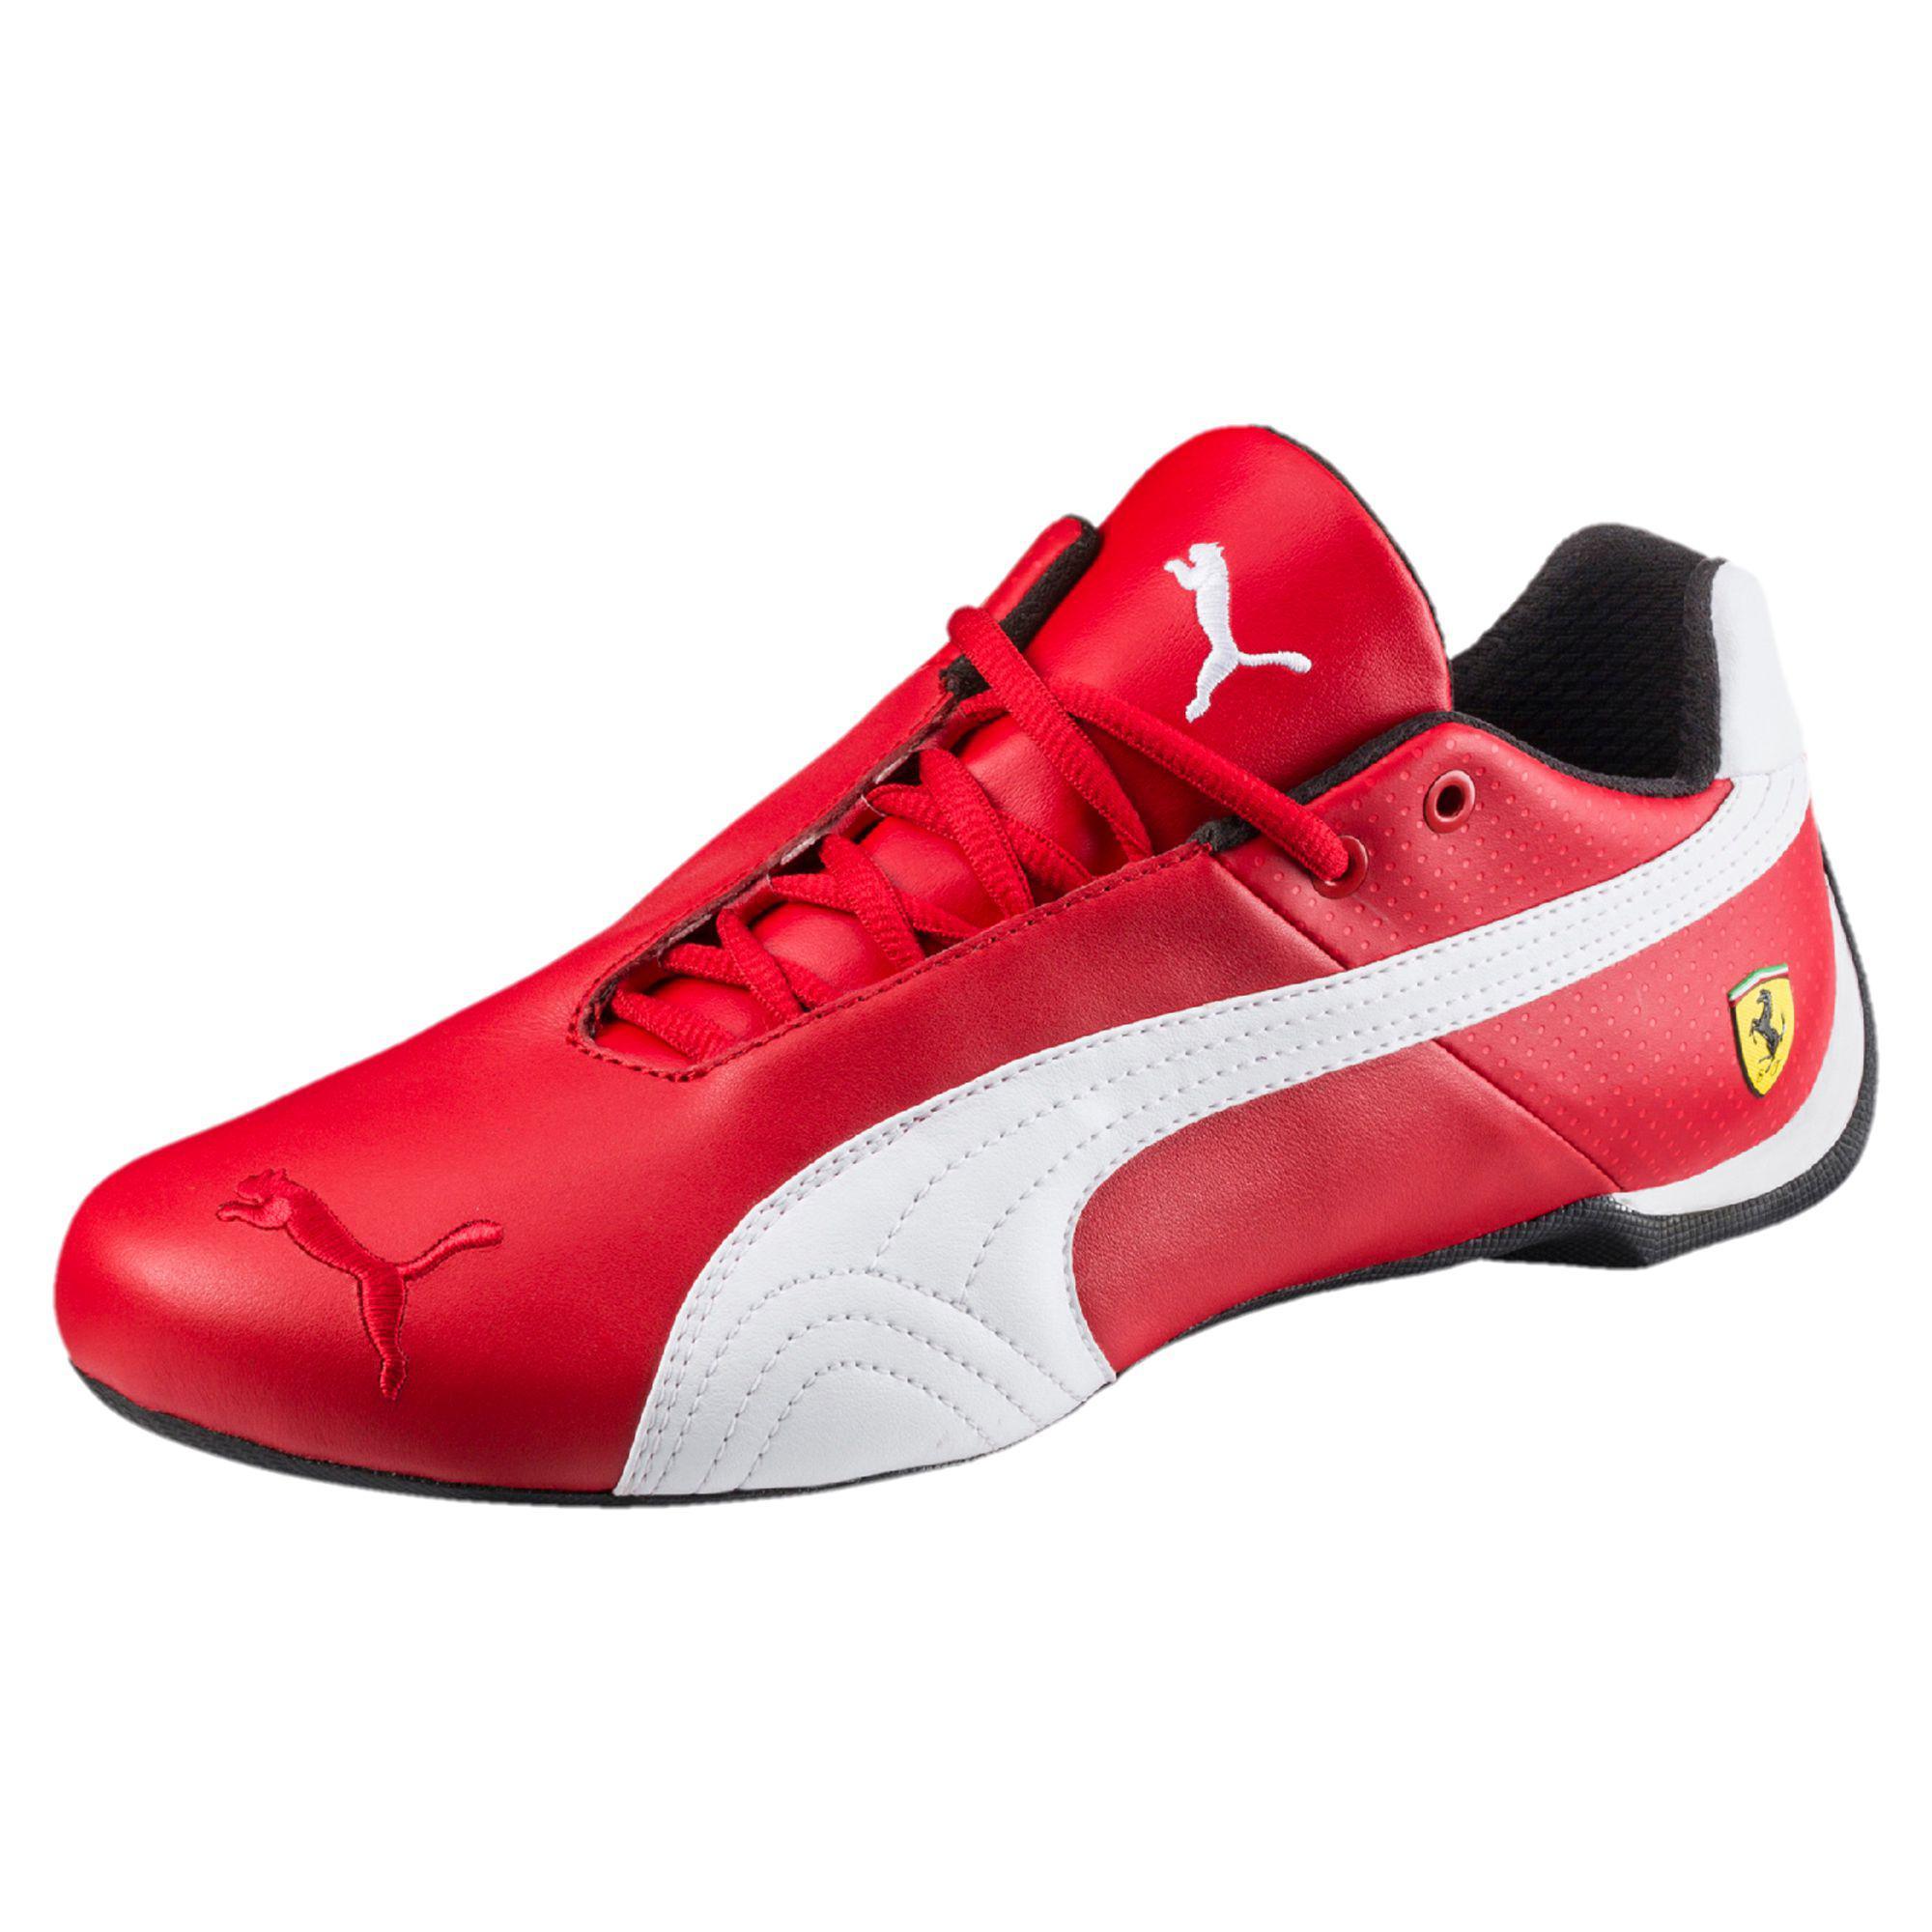 men shoes auto boot cat low belt ls ebay s mens new itm pna ferrari puma drift